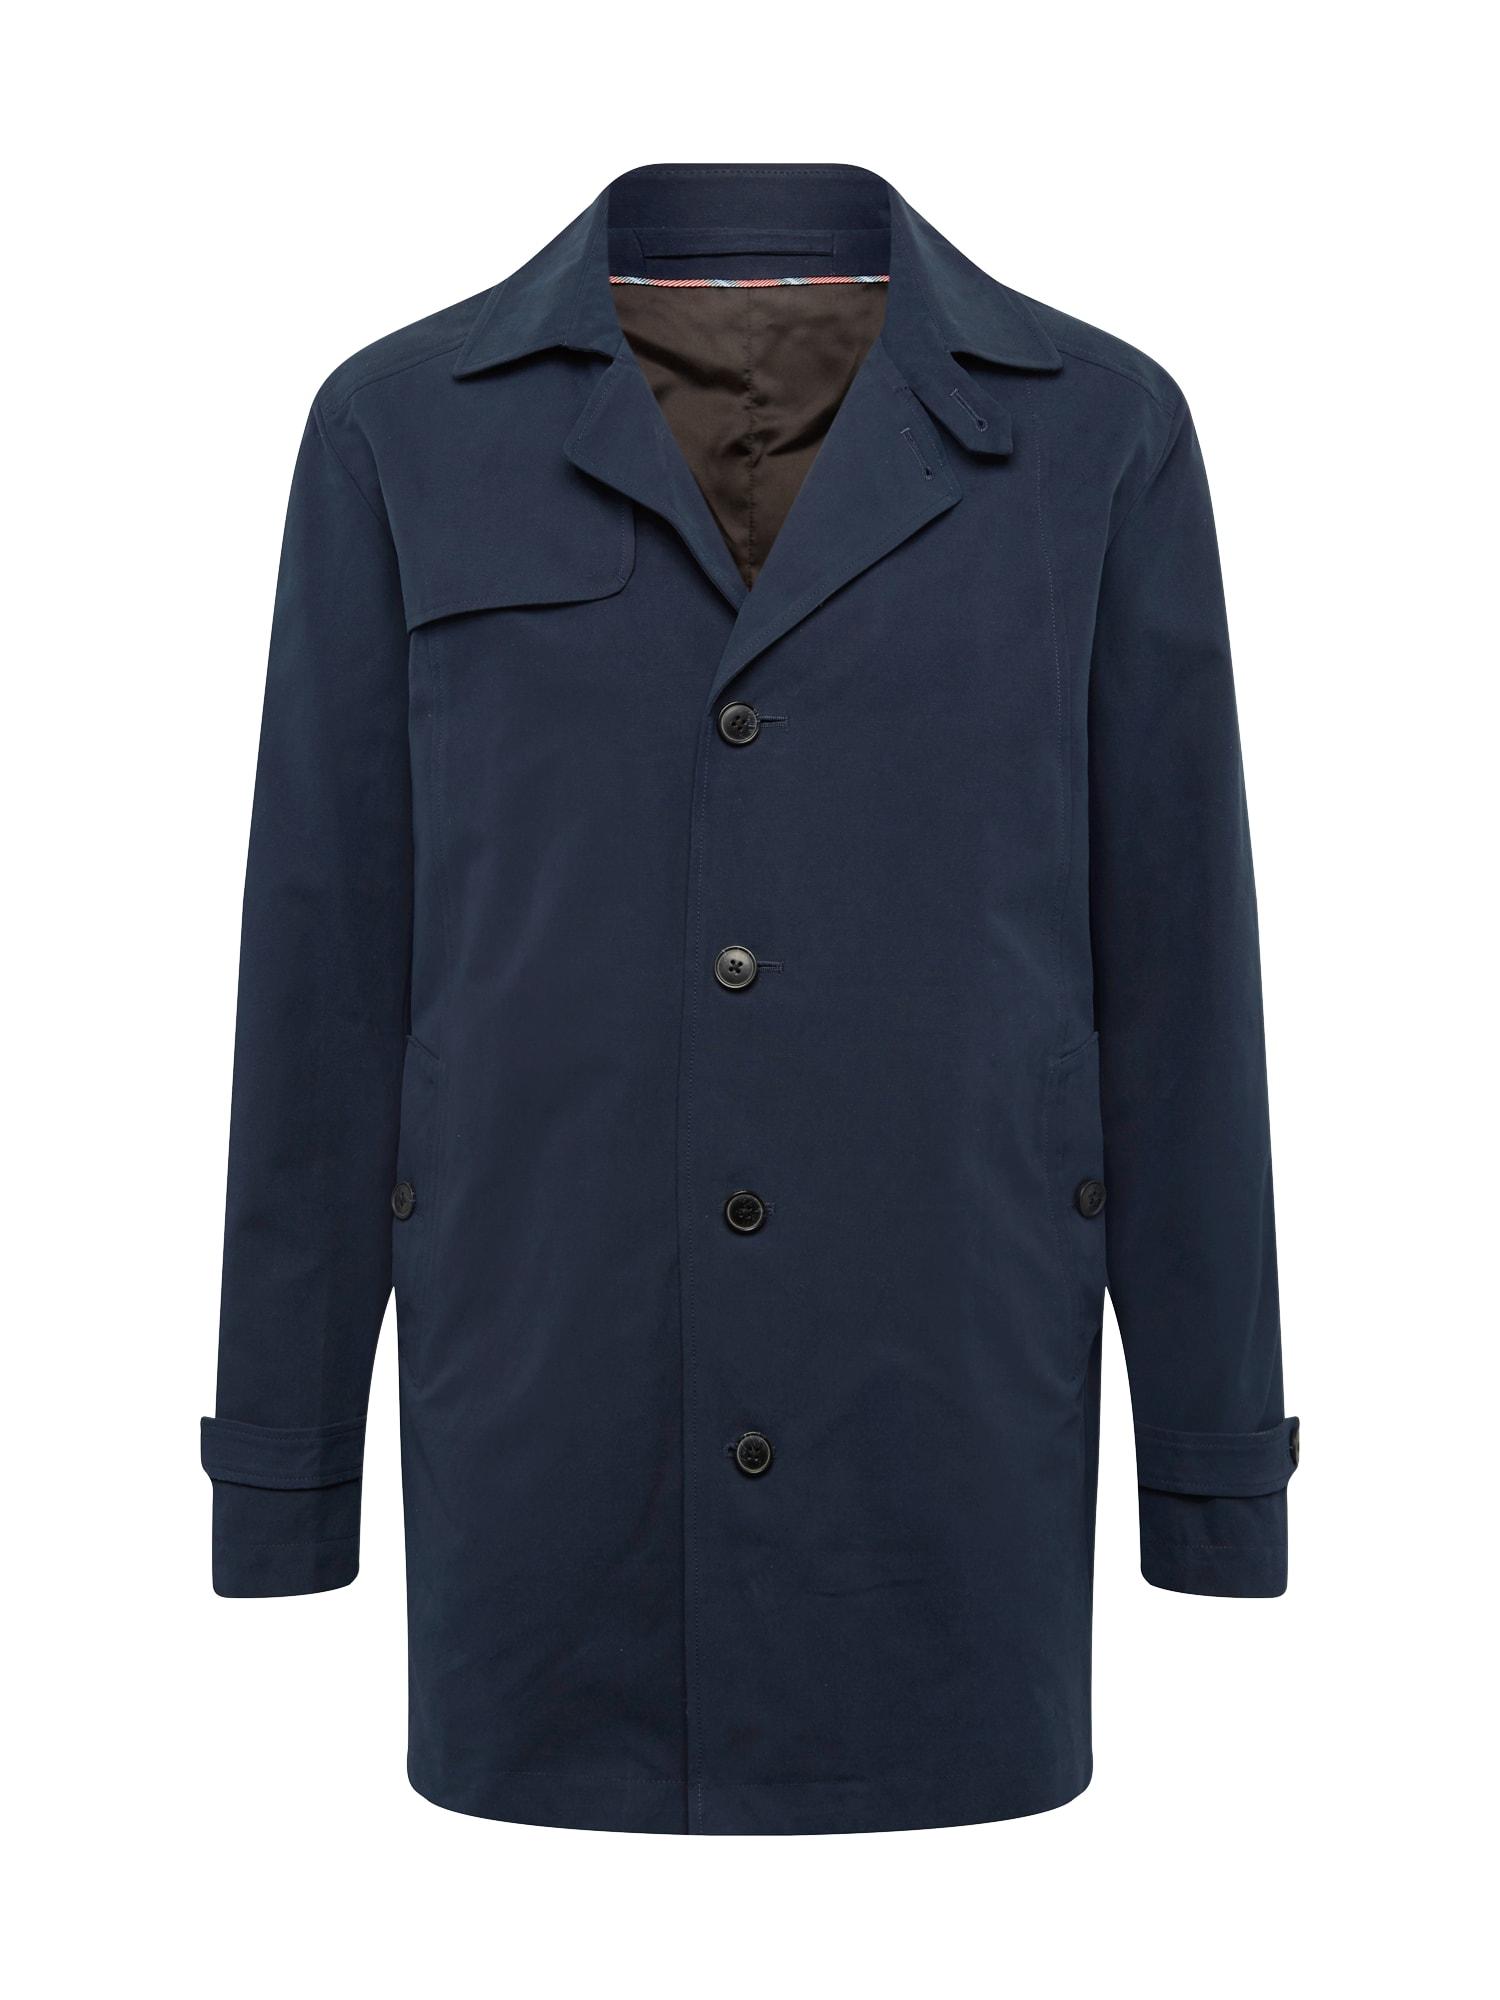 Přechodný kabát Times tmavě modrá SELECTED HOMME